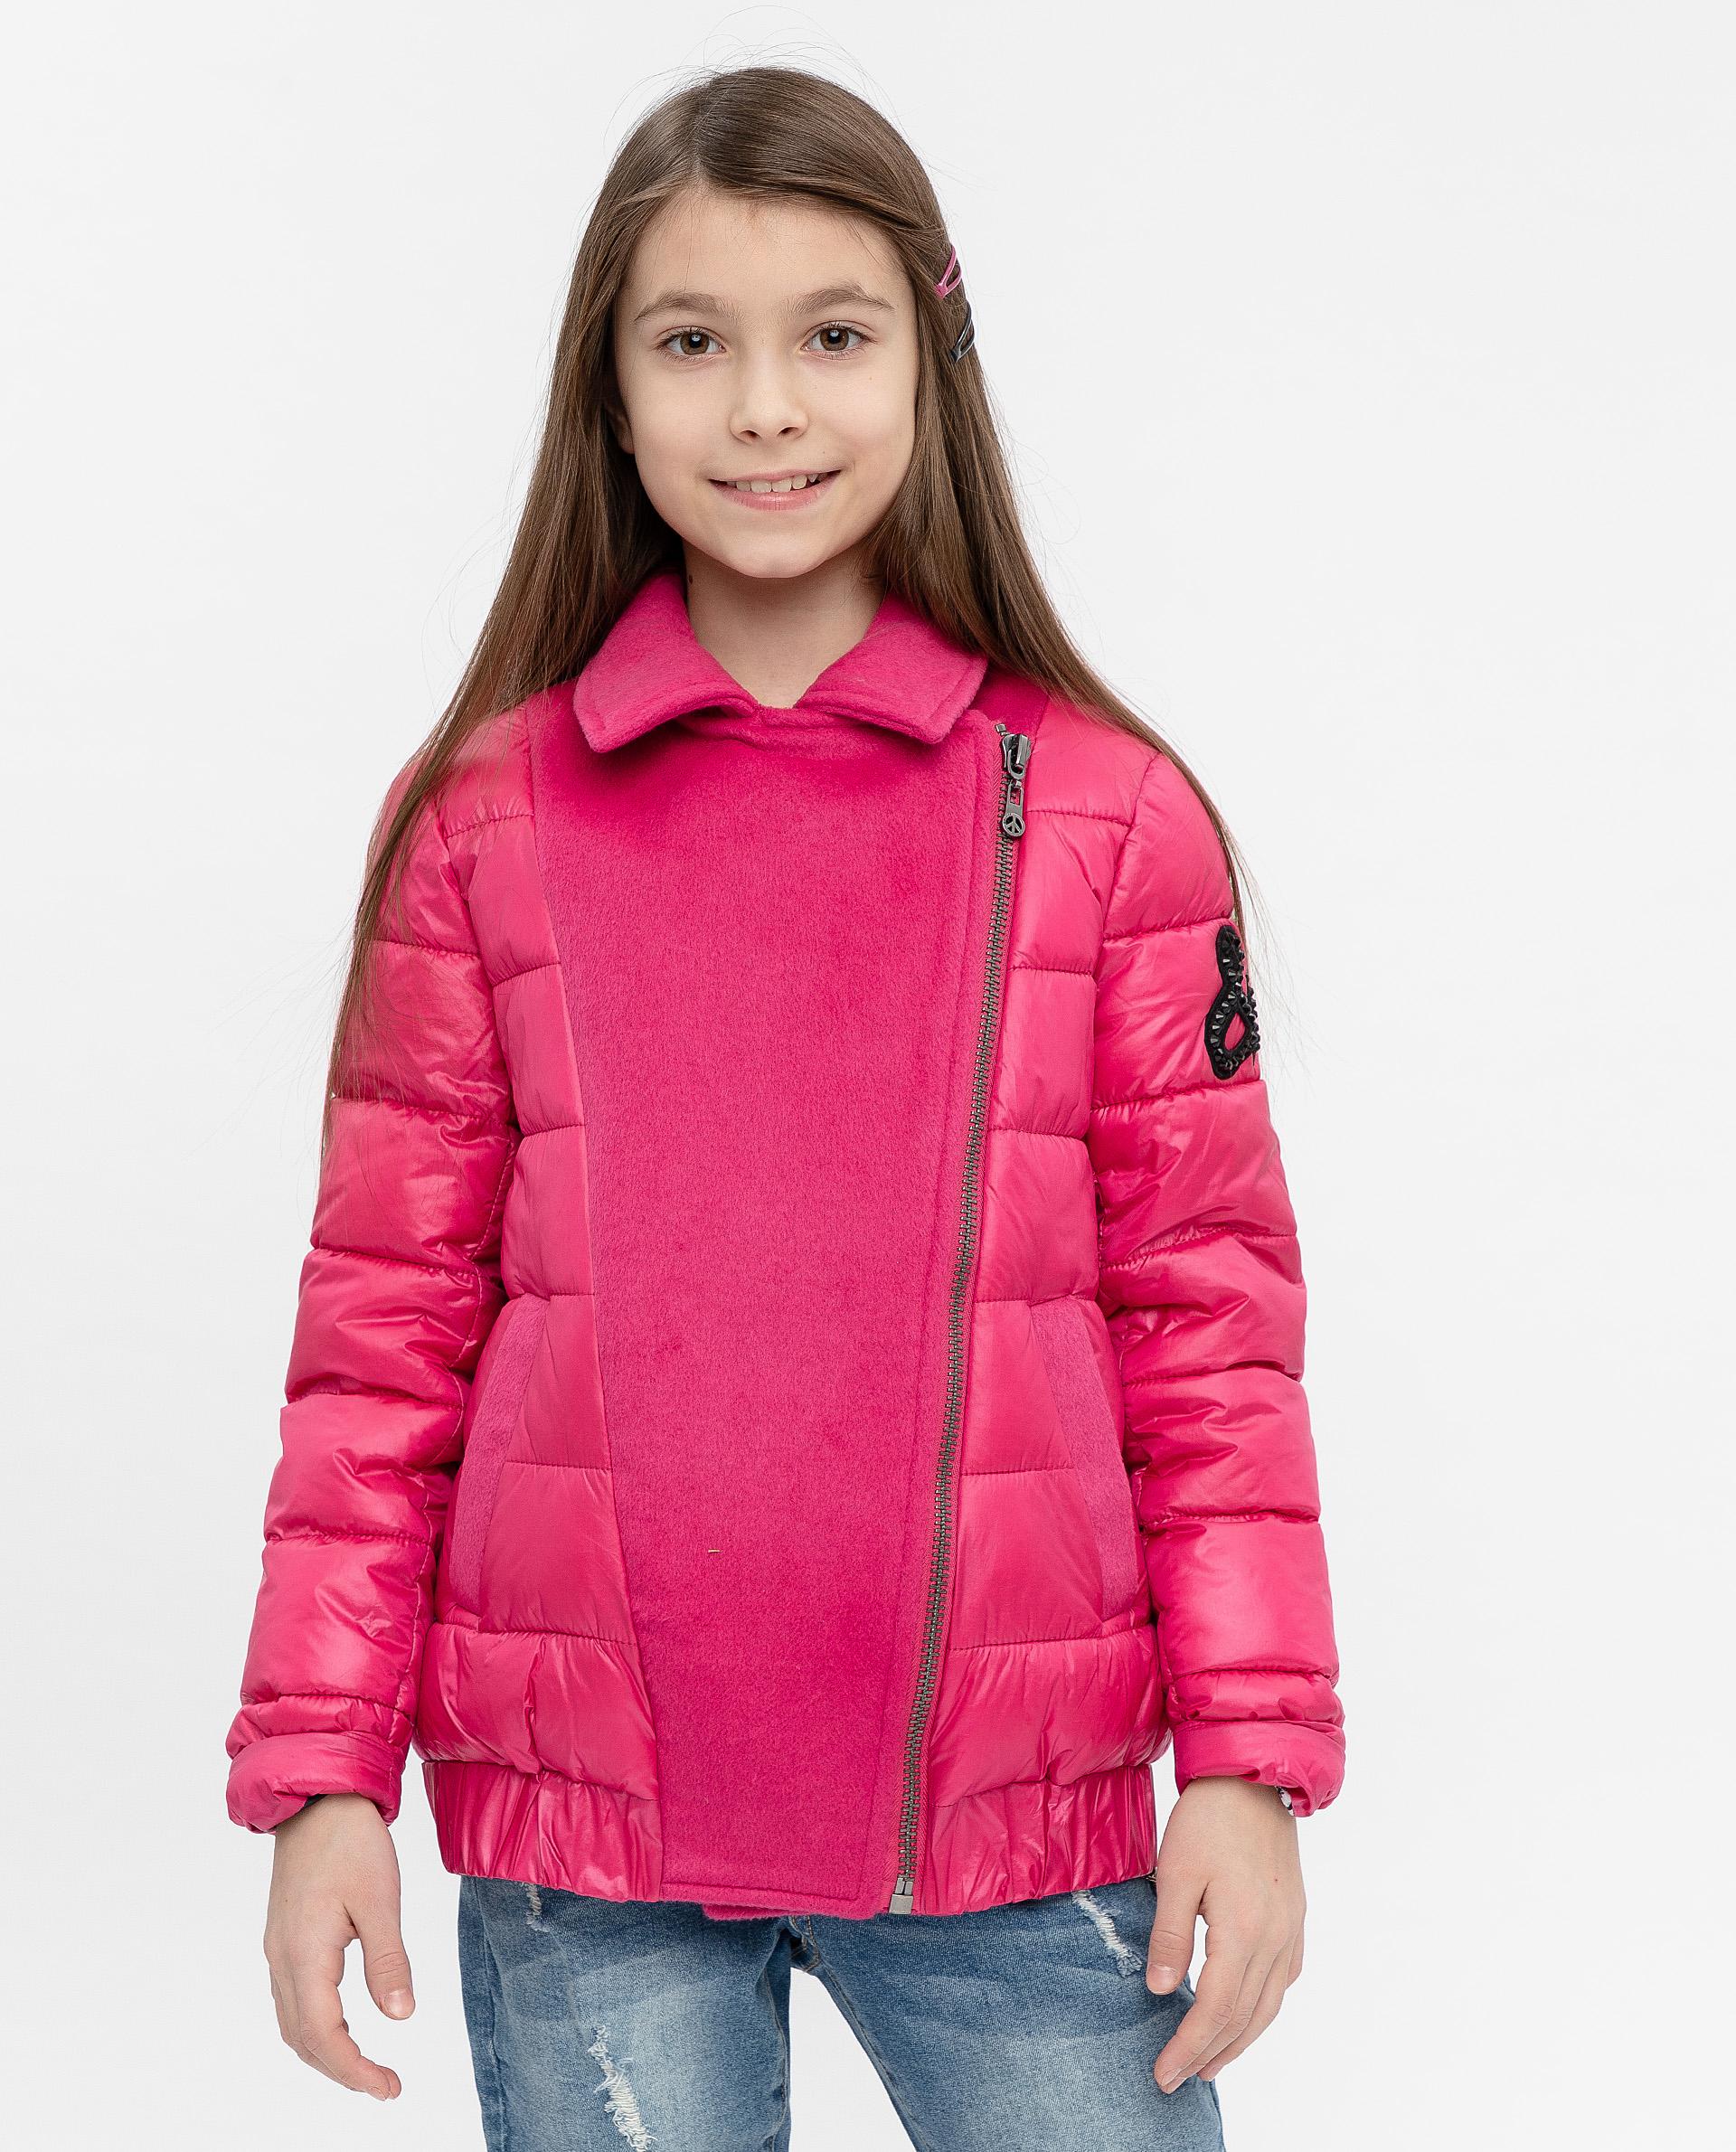 Купить 12007GJC4101, Розовая демисезонная куртка Gulliver, розовый, 140, Женский, ОСЕНЬ/ЗИМА 2020-2021 (shop: GulliverMarket Gulliver Market)